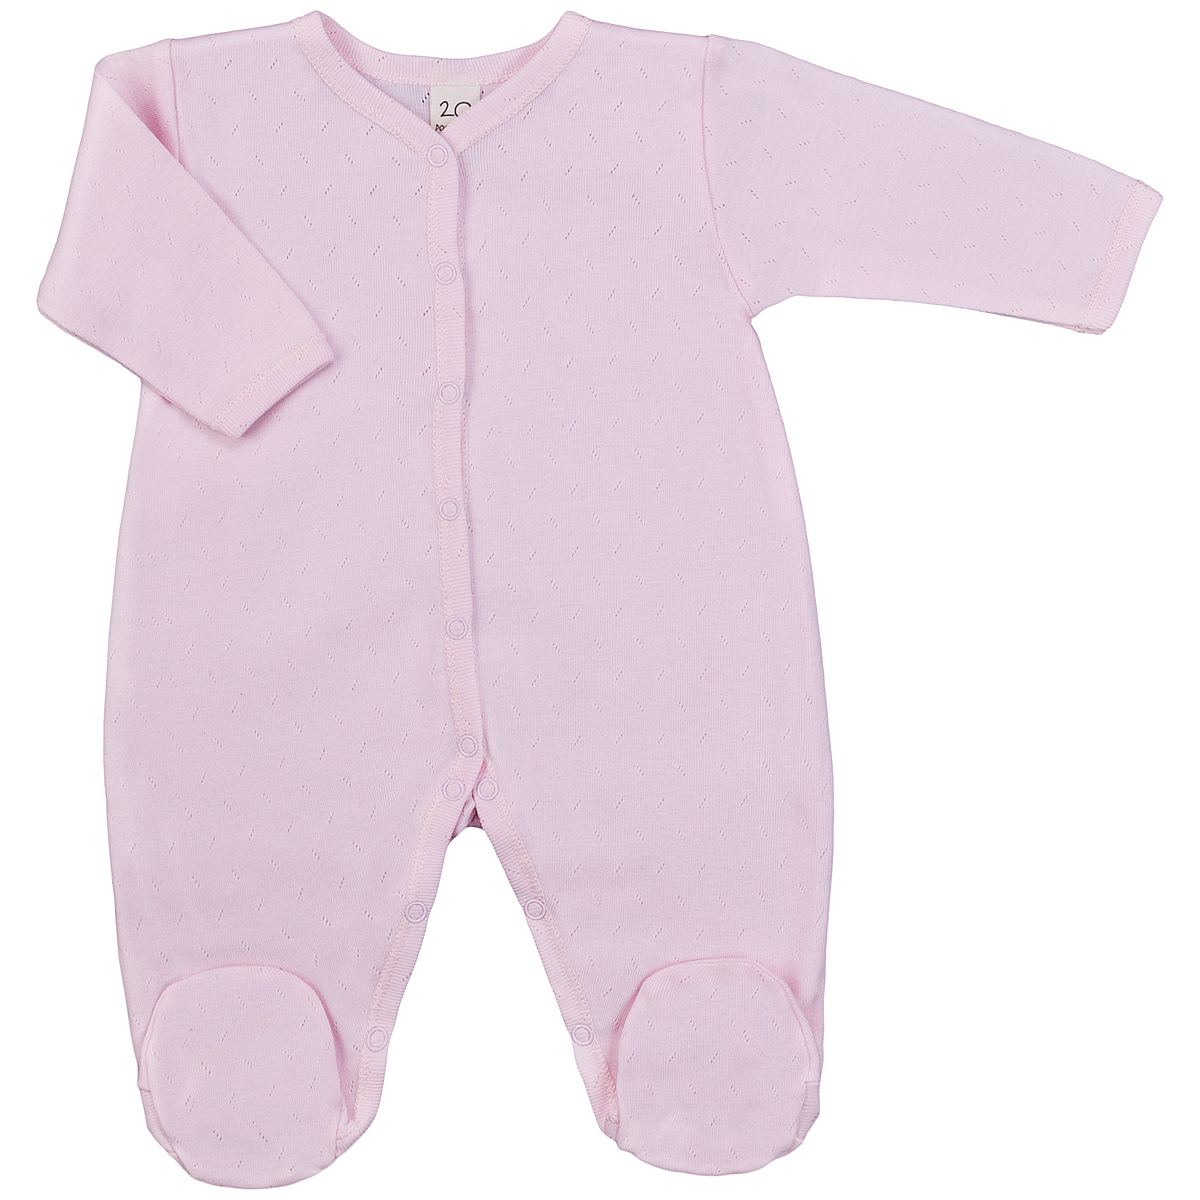 Комбинезон детский Lucky Child Ажур, цвет: розовый. 0-12. Размер 50/560-12Детский комбинезон Lucky Child - очень удобный и практичный вид одежды для малышей. Комбинезон выполнен из натурального хлопка, благодаря чему он необычайно мягкий и приятный на ощупь, не раздражают нежную кожу ребенка и хорошо вентилируются, а эластичные швы приятны телу малыша и не препятствуют его движениям. Комбинезон с длинными рукавами и закрытыми ножками имеет застежки-кнопки от горловины до щиколоток, которые помогают легко переодеть младенца или сменить подгузник.Модель выполнена из ткани с ажурным узором. С детским комбинезоном Lucky Child спинка и ножки вашего малыша всегда будут в тепле, он идеален для использования днем и незаменим ночью. Комбинезон полностью соответствует особенностям жизни младенца в ранний период, не стесняя и не ограничивая его в движениях!